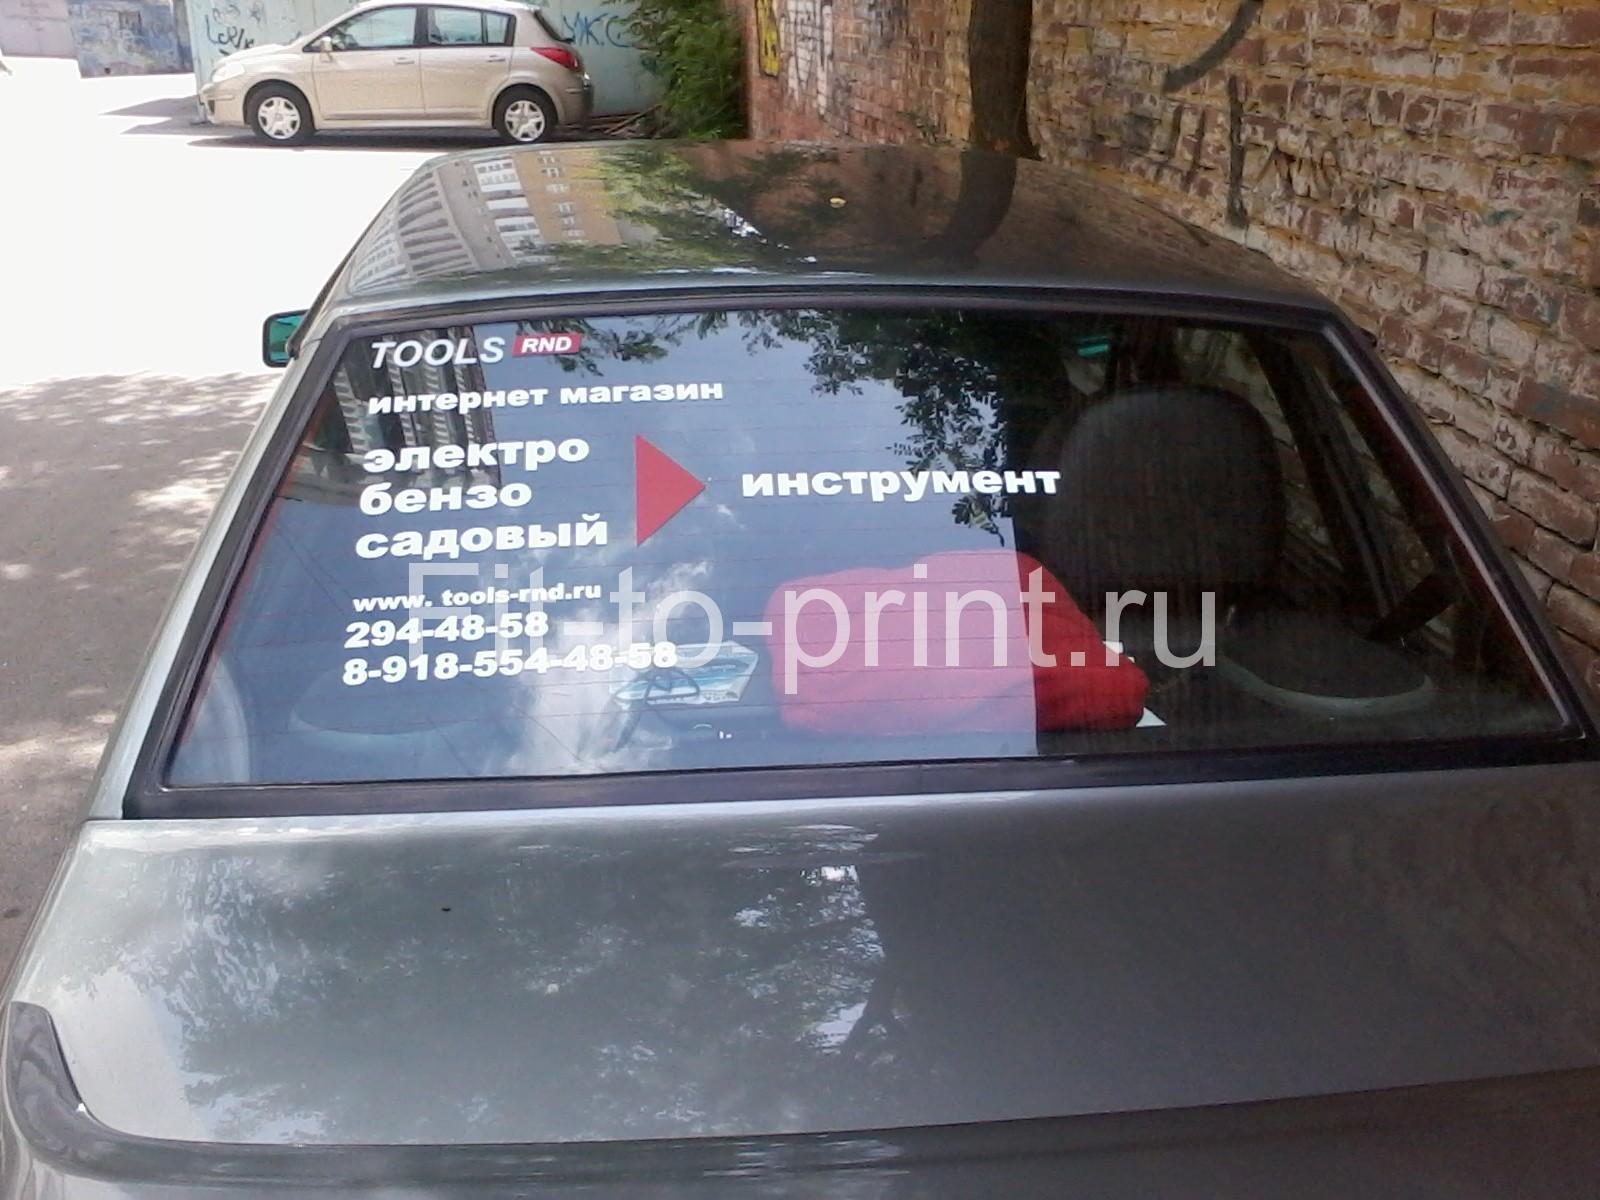 Оклейка авто рекламой